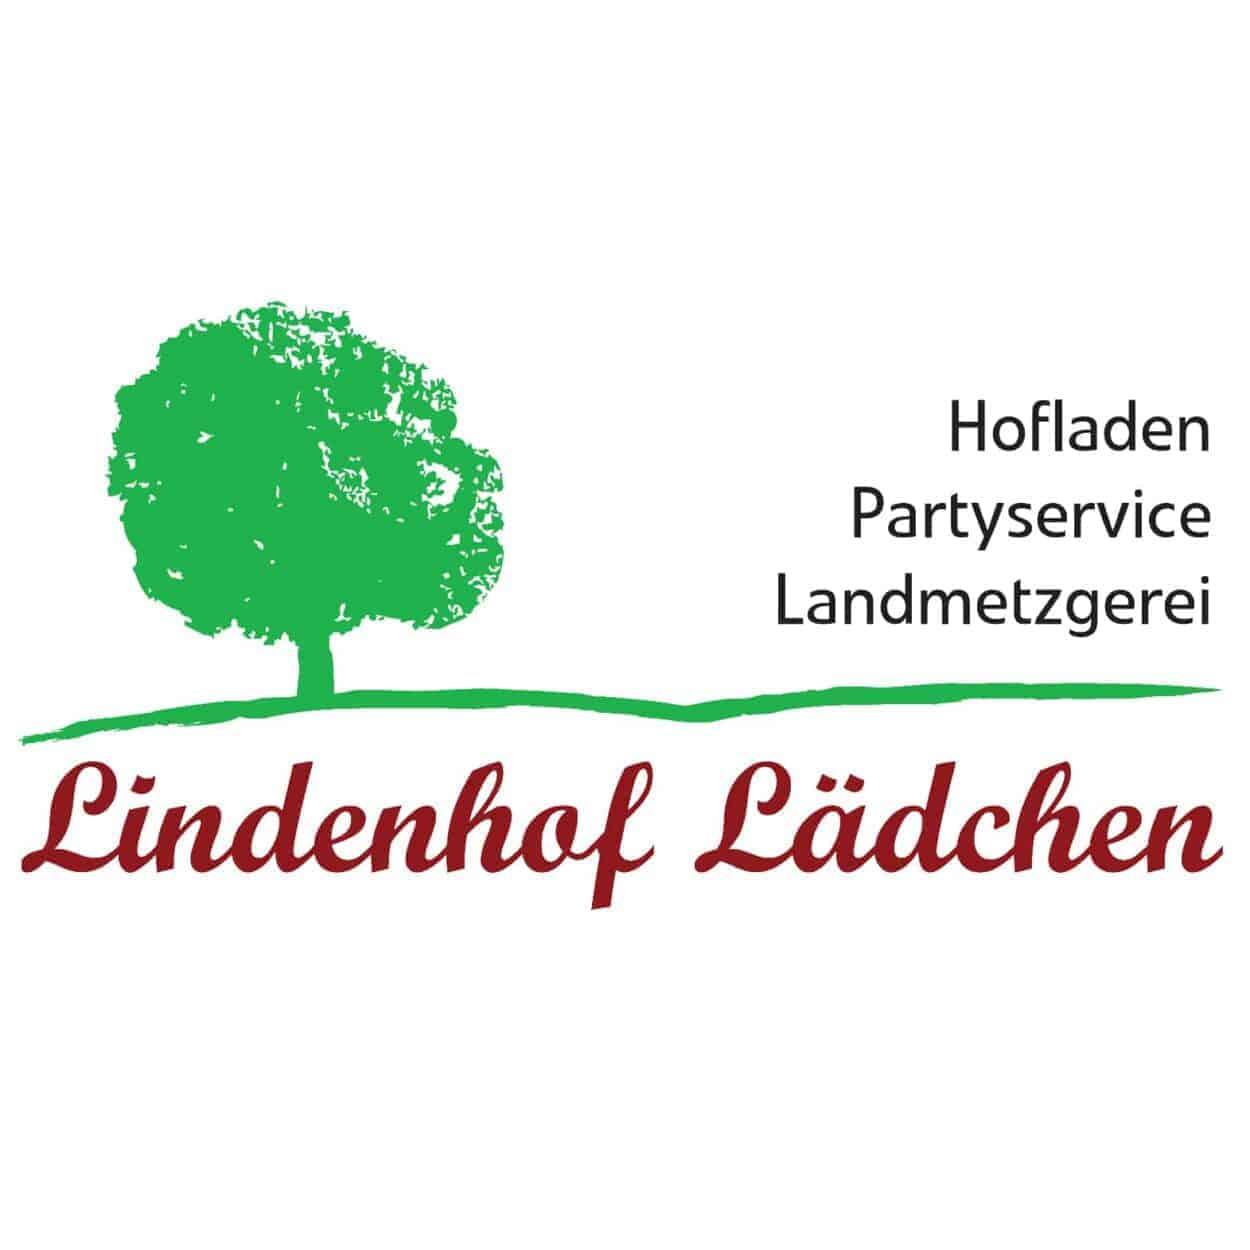 Lindenhof Lädchen